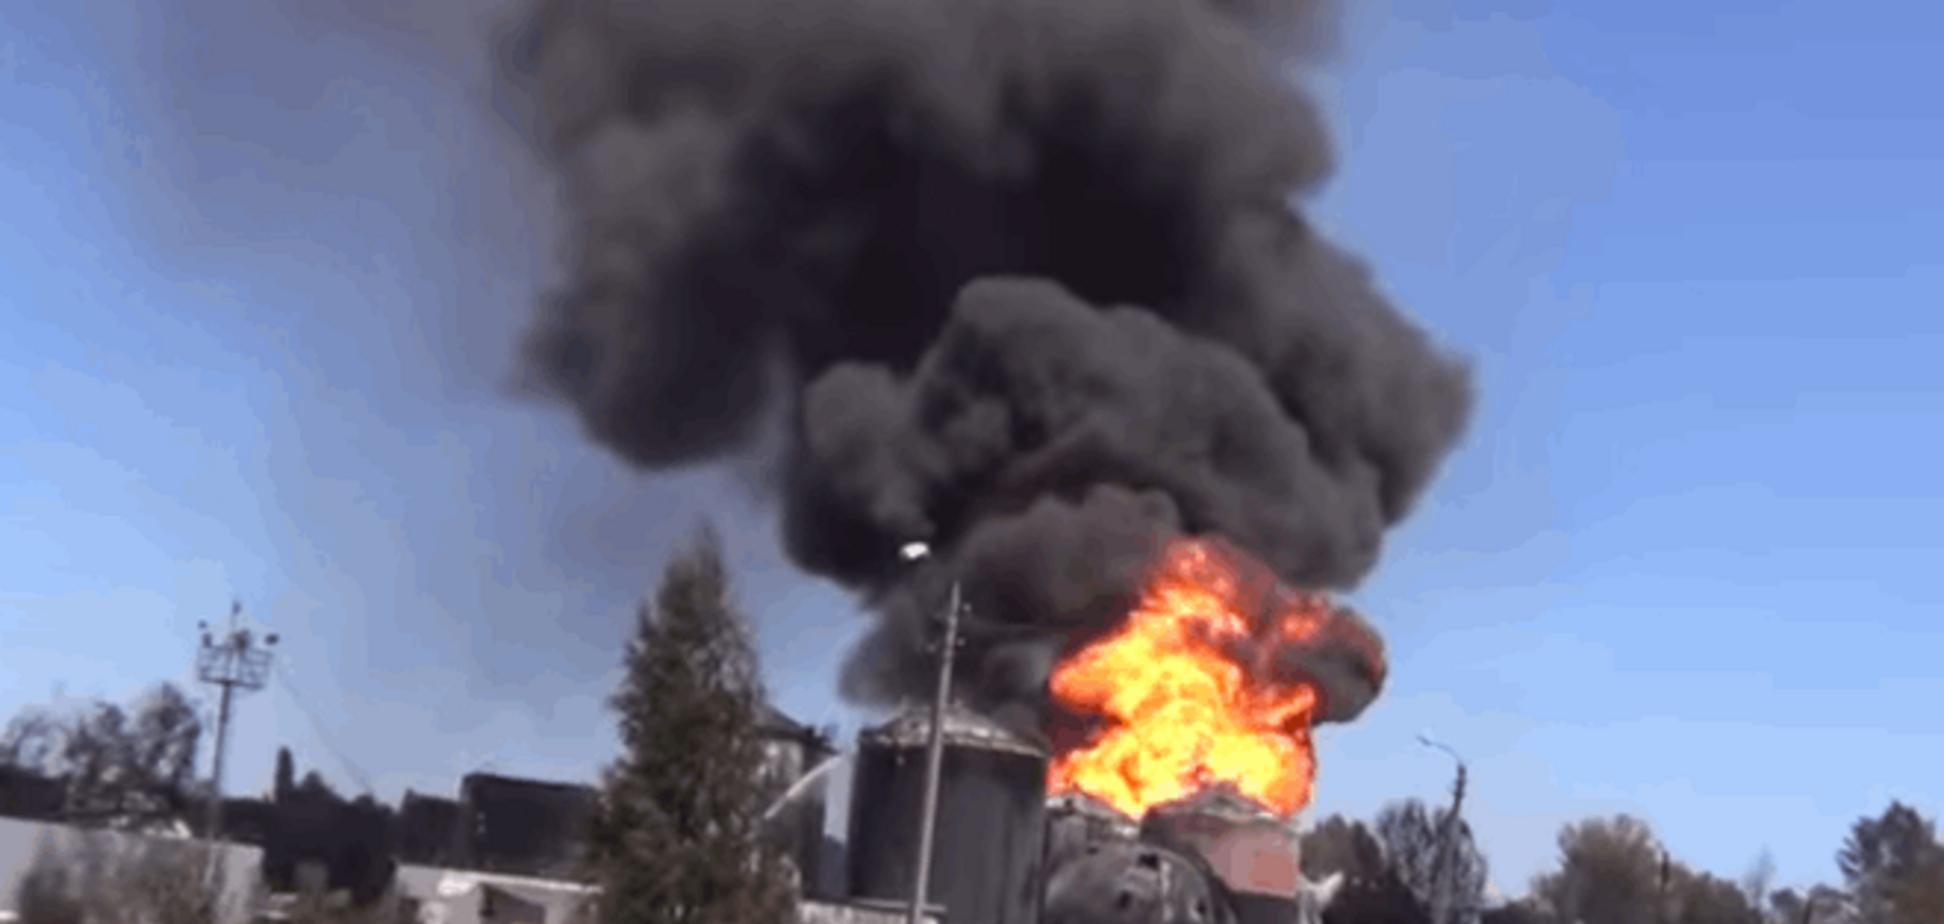 Новое возгорание на нефтебазе в Василькове: опубликовано видео